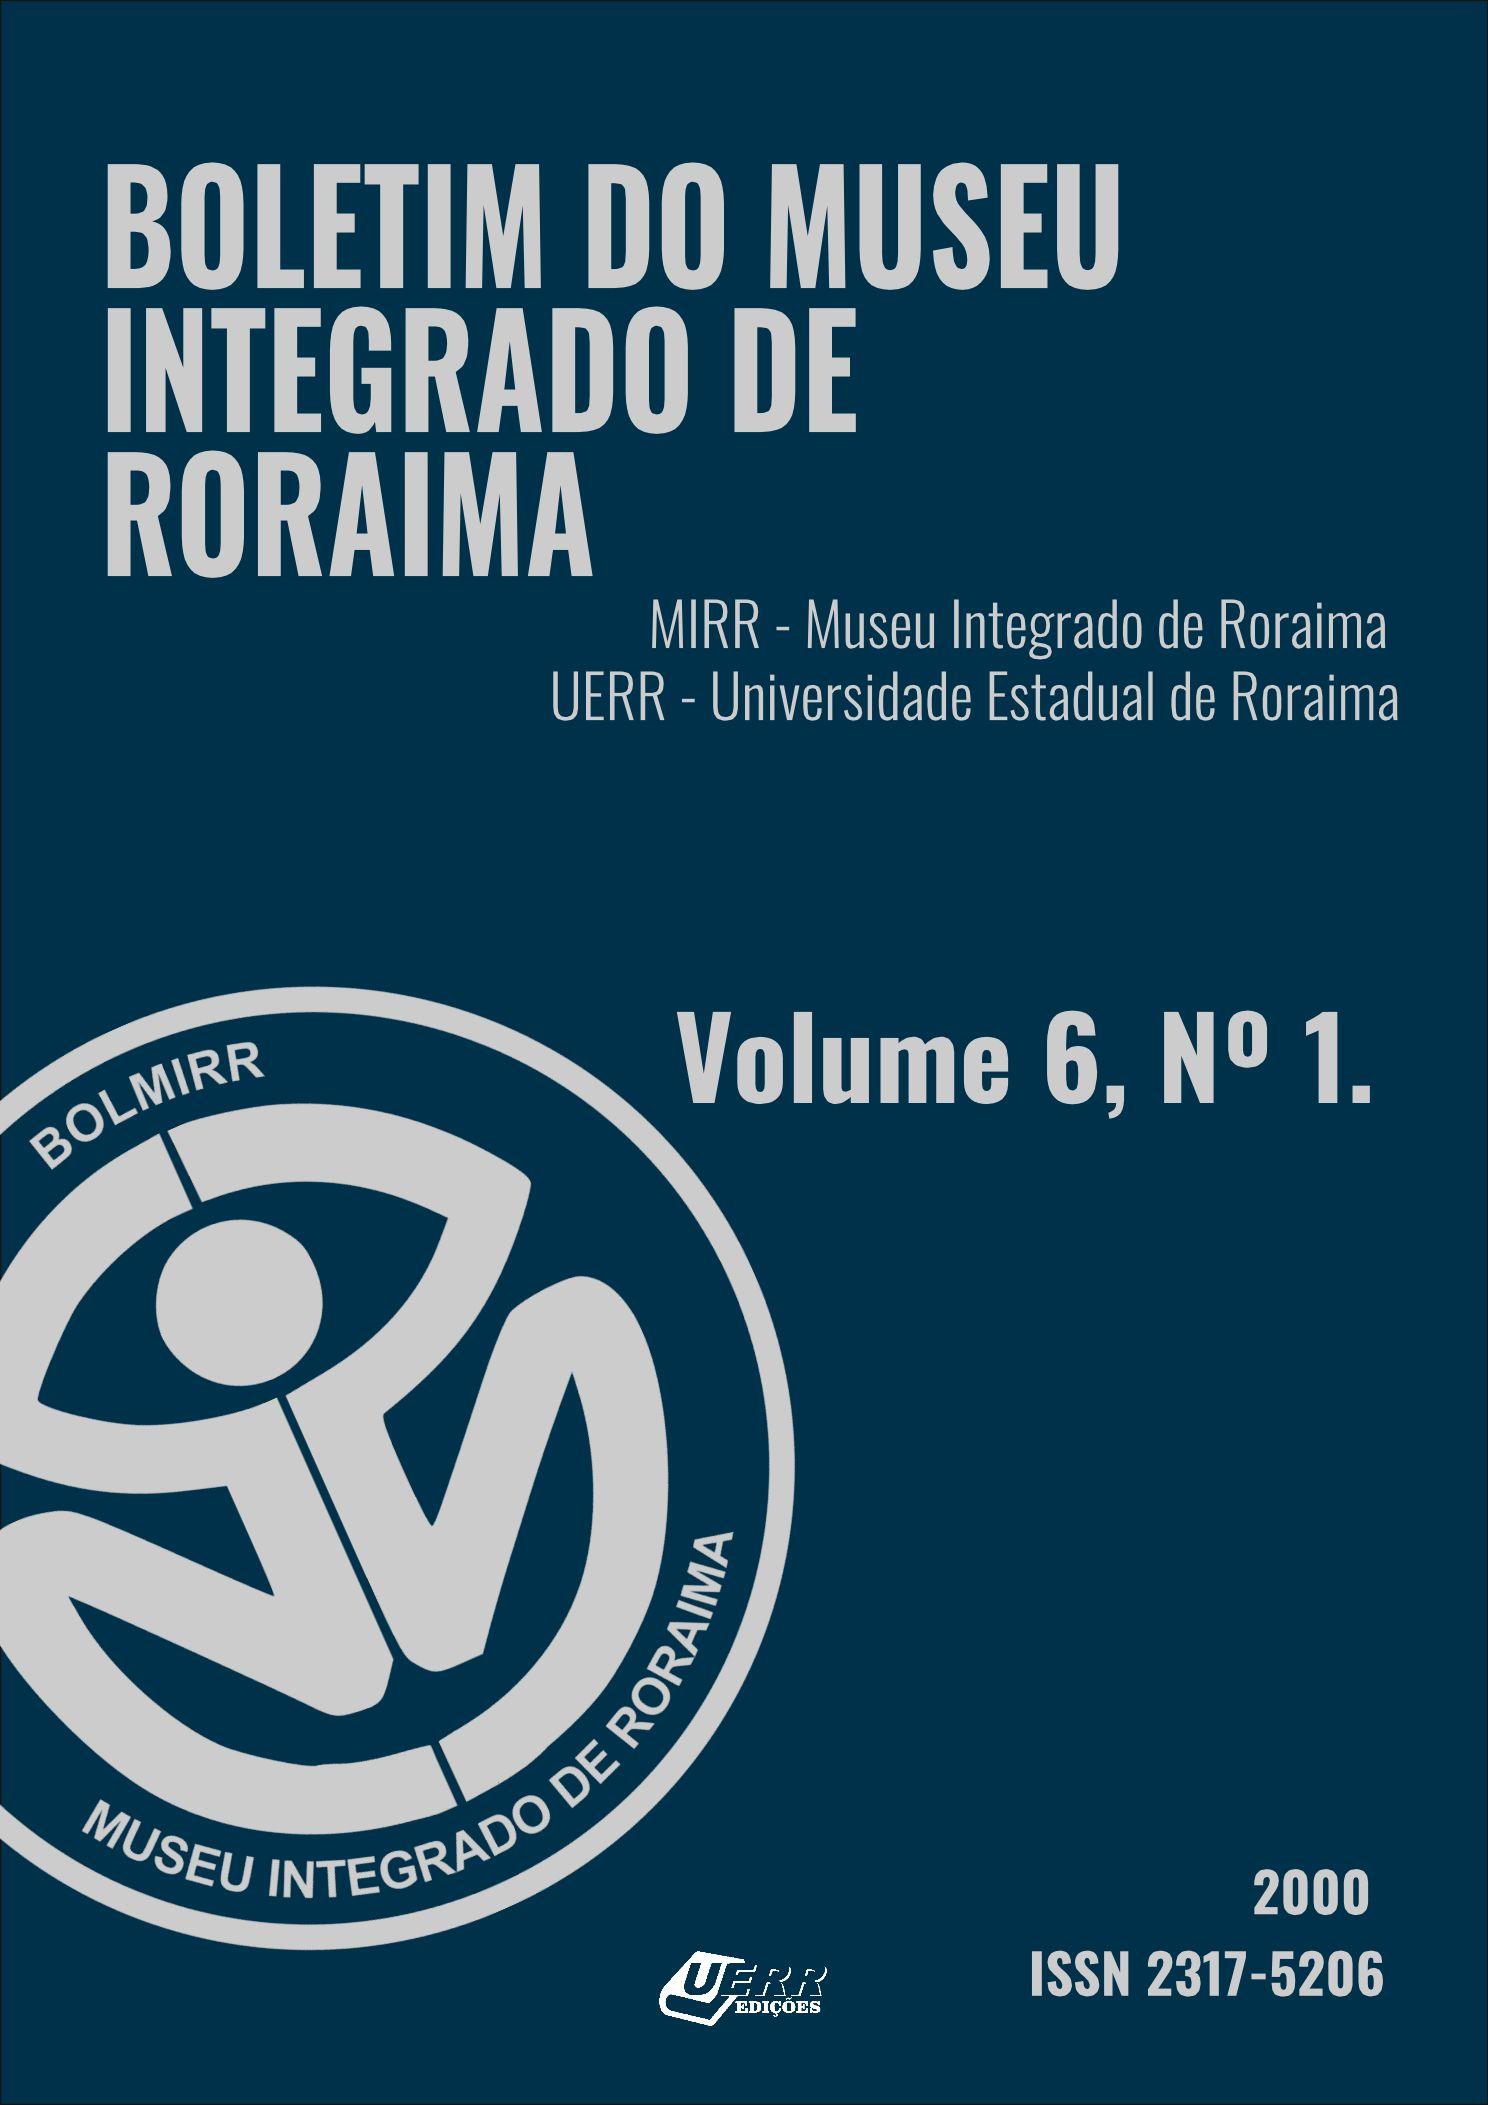 Visualizar v. 6 n. 01 (2000): Boletim do Museu Integrado de Roraima